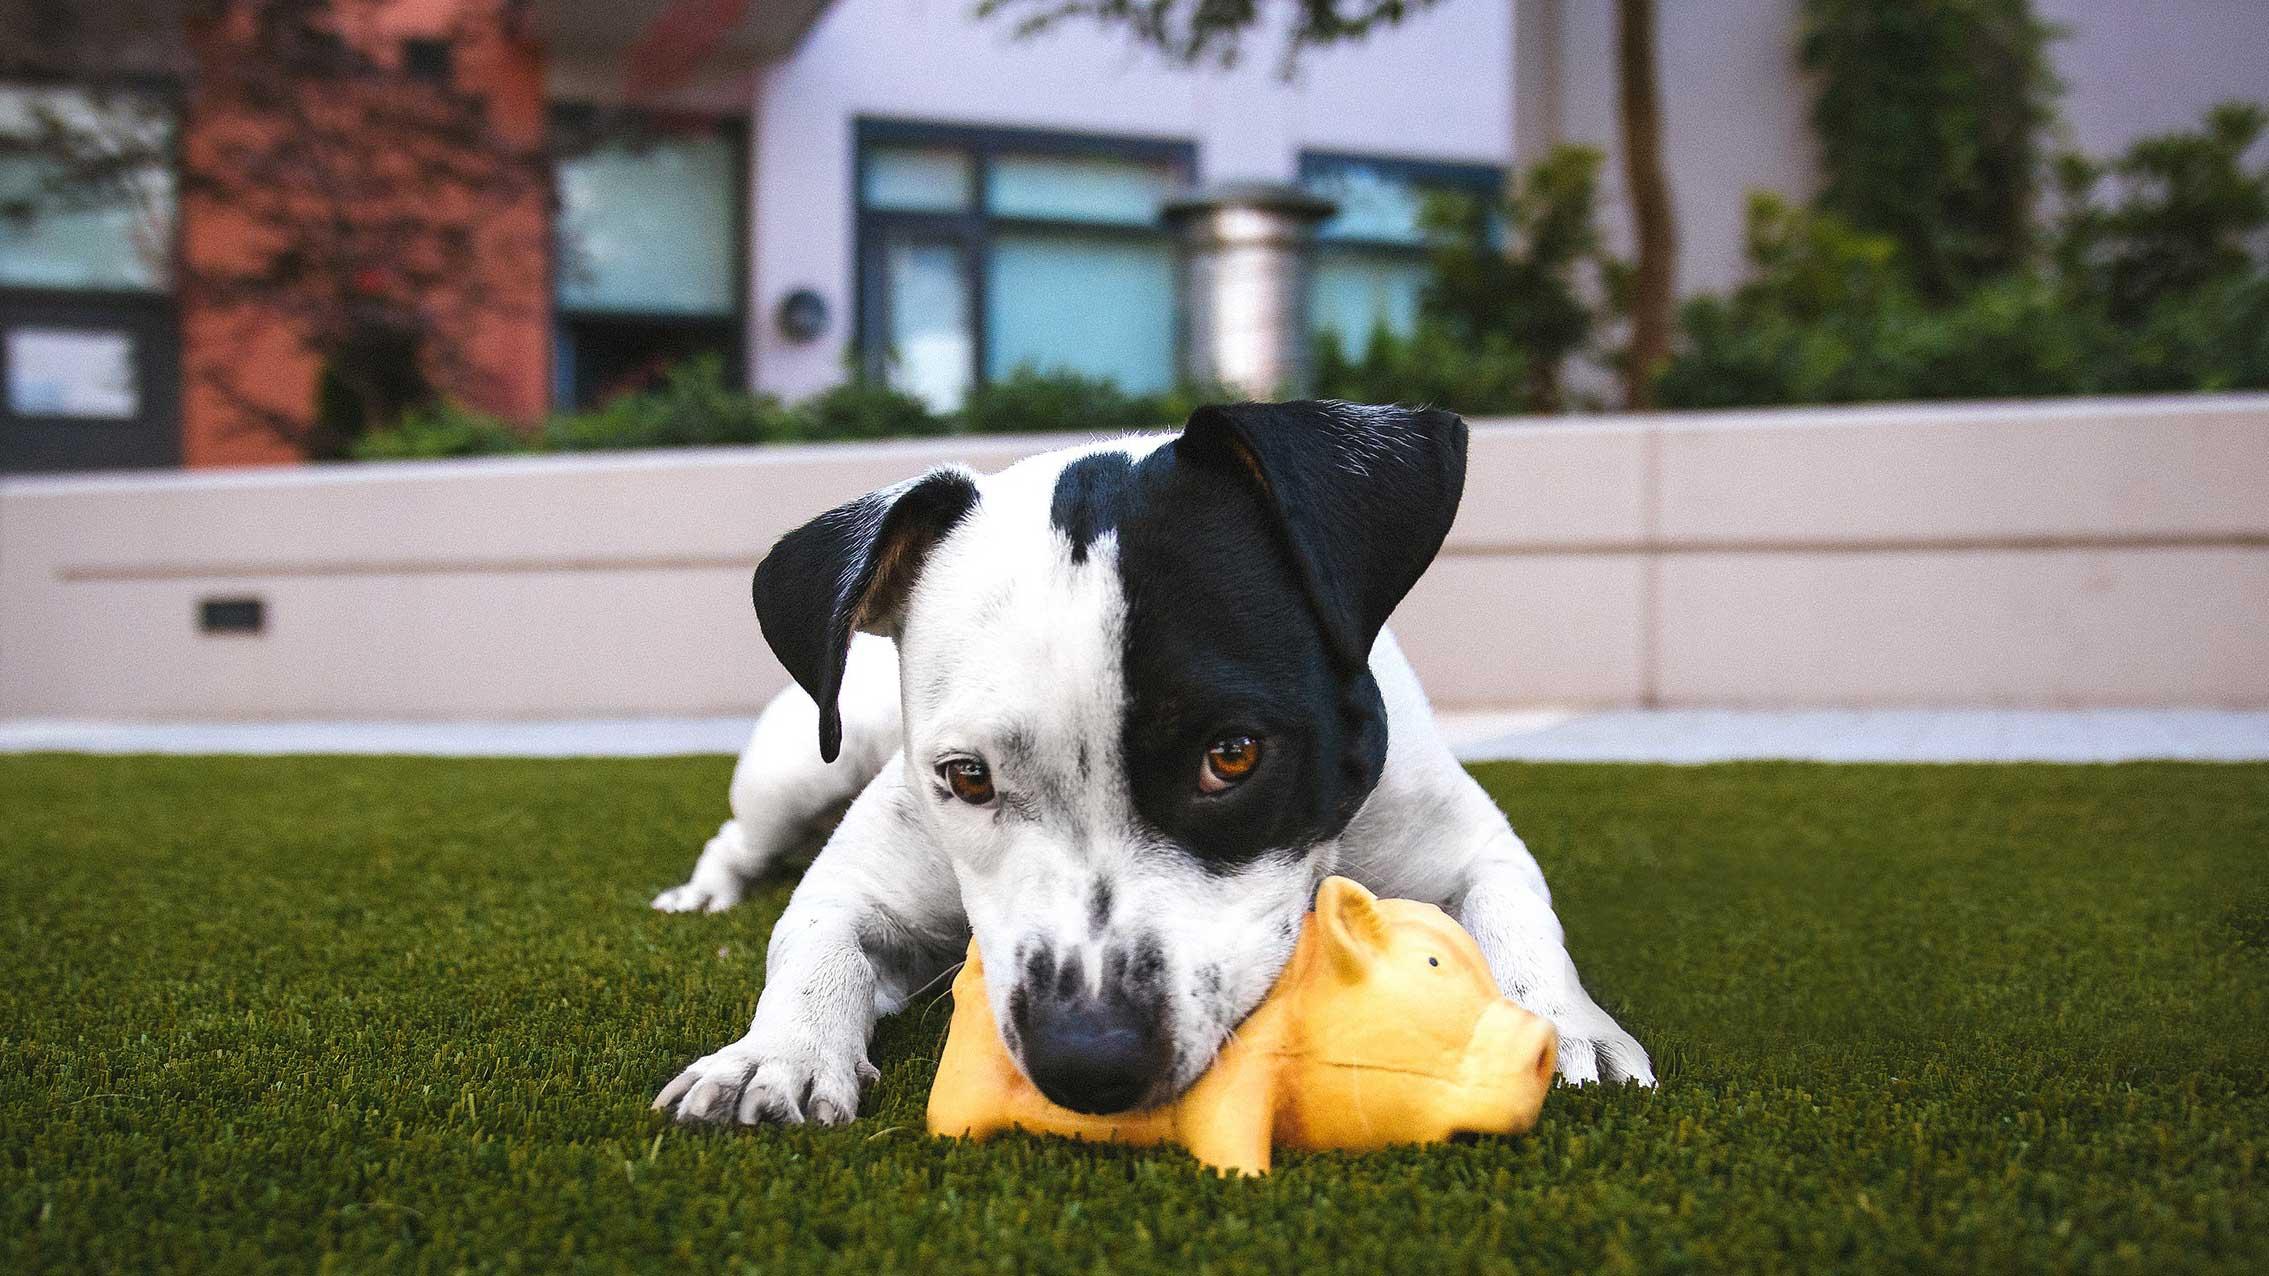 Filhote de cachorro mordendo brinquedo em formato de porco amarelo.